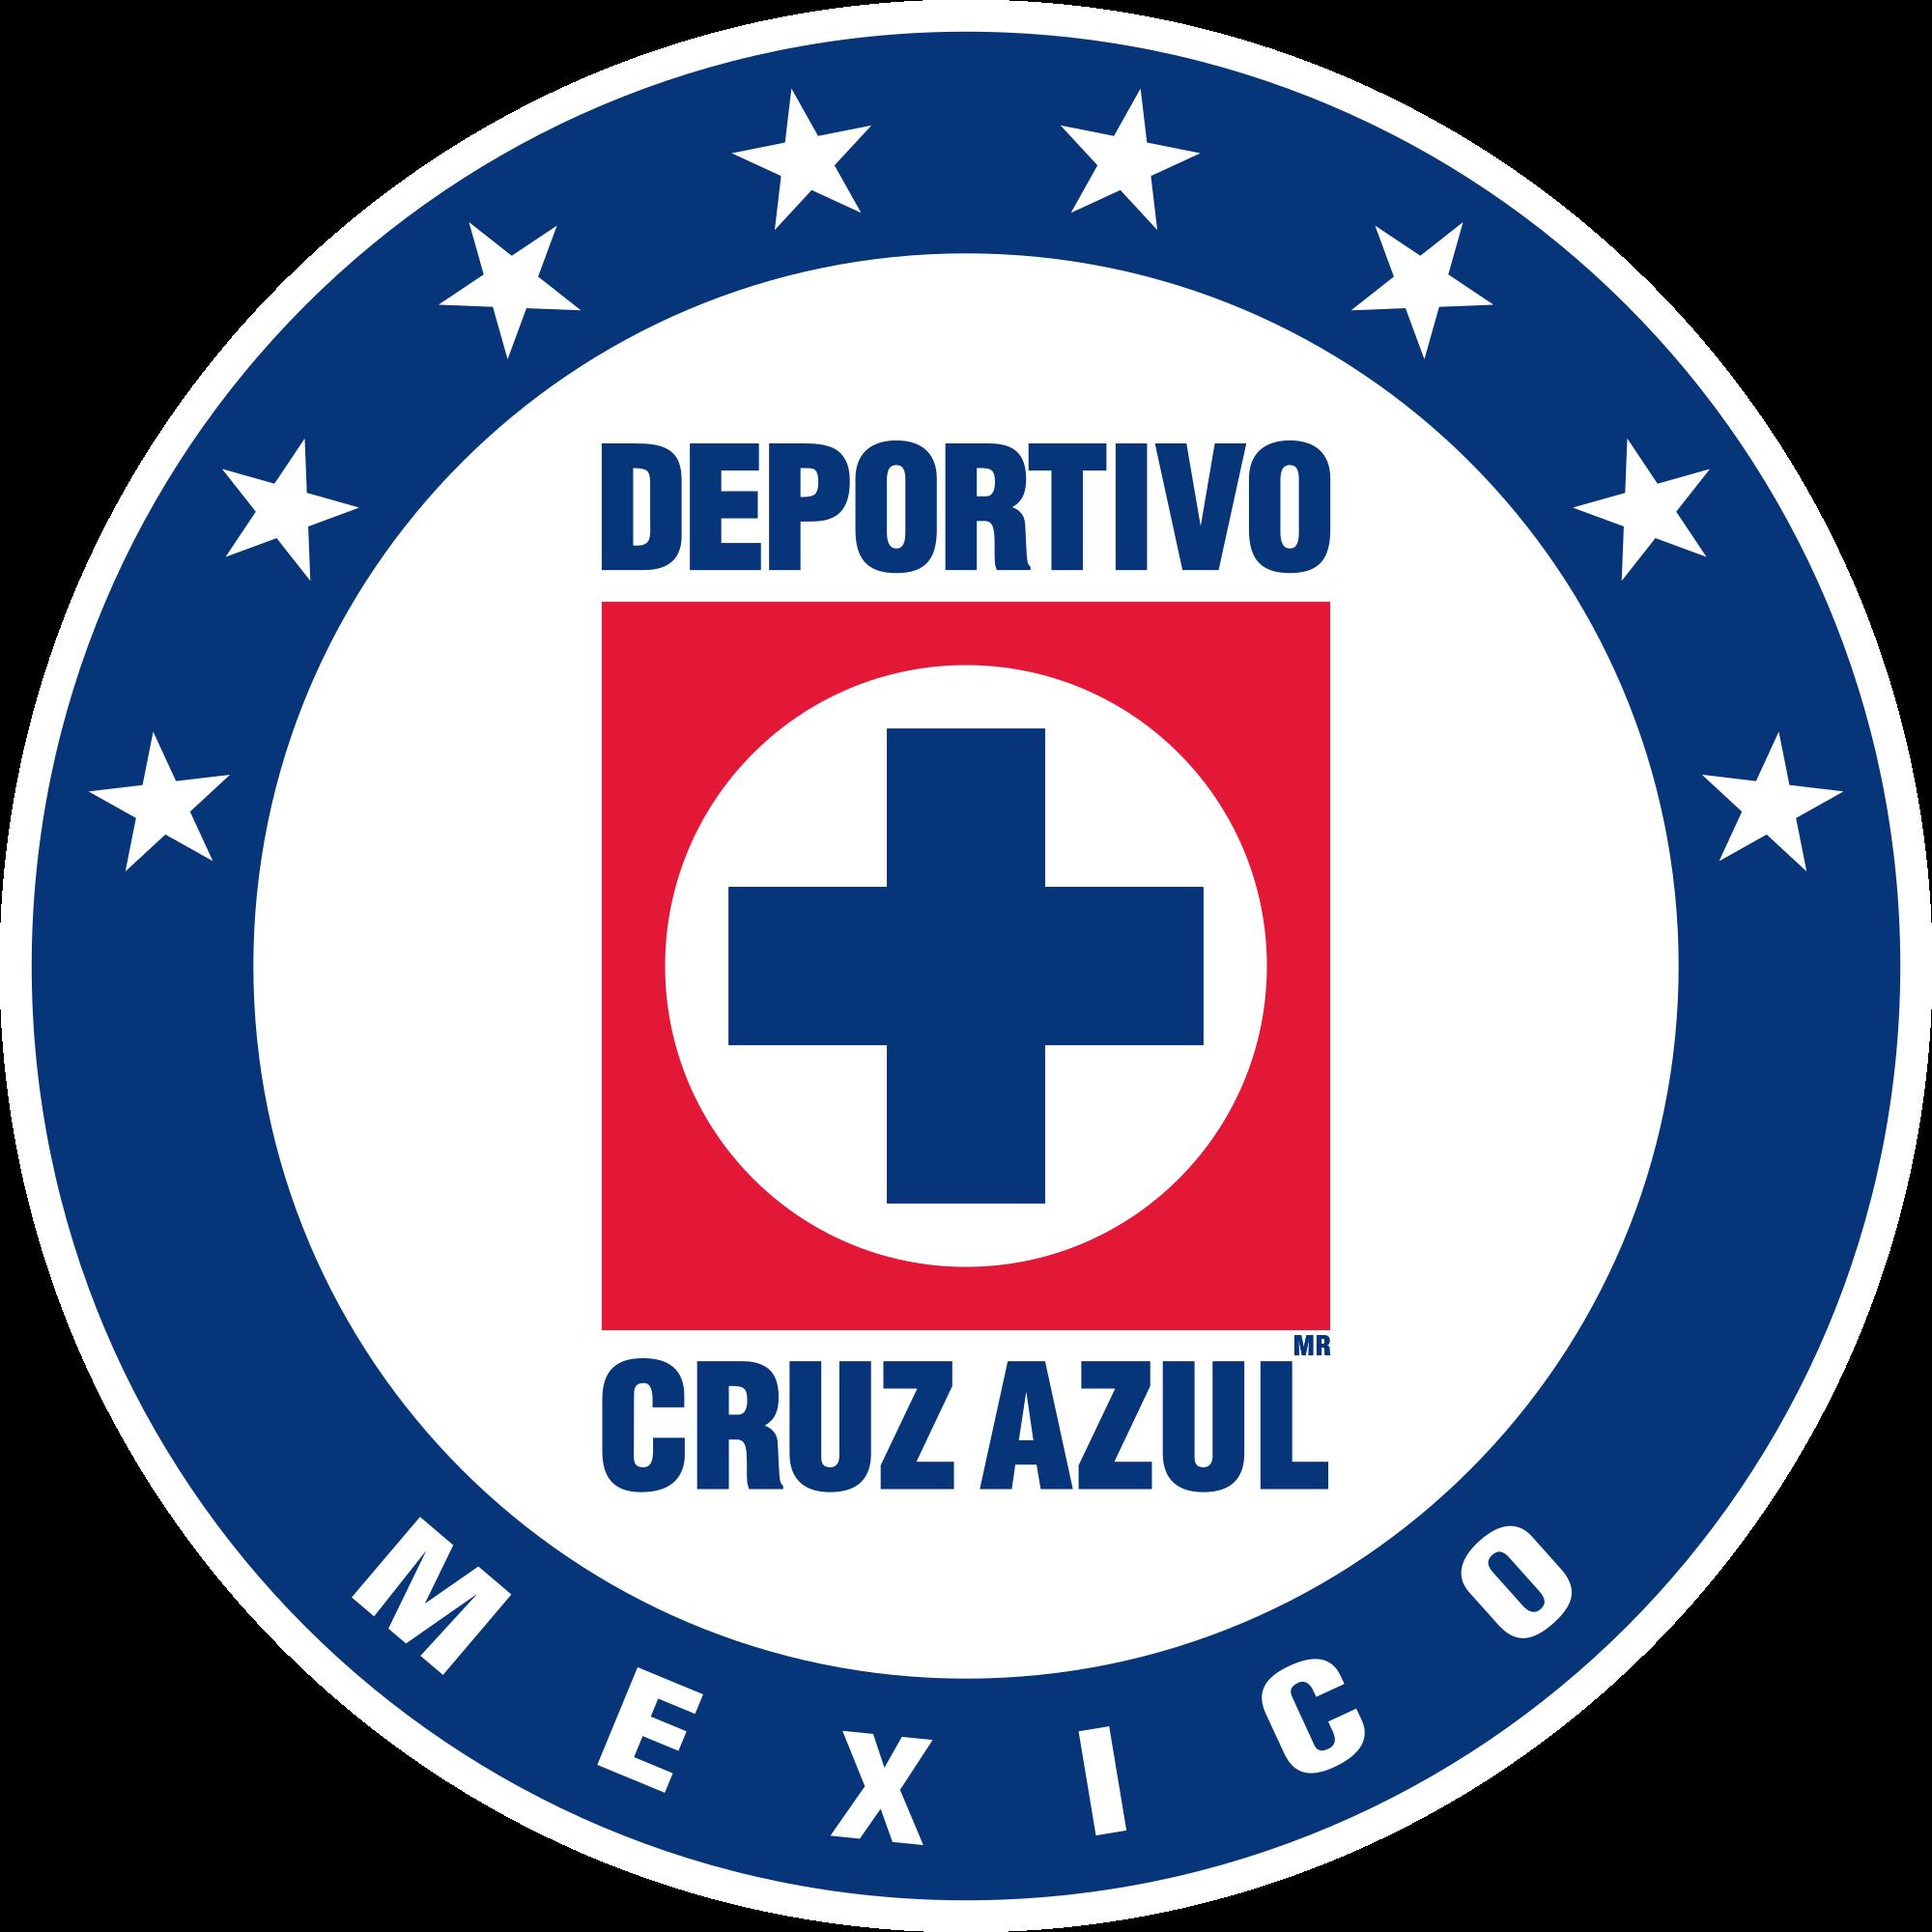 Cruz Azul W logo